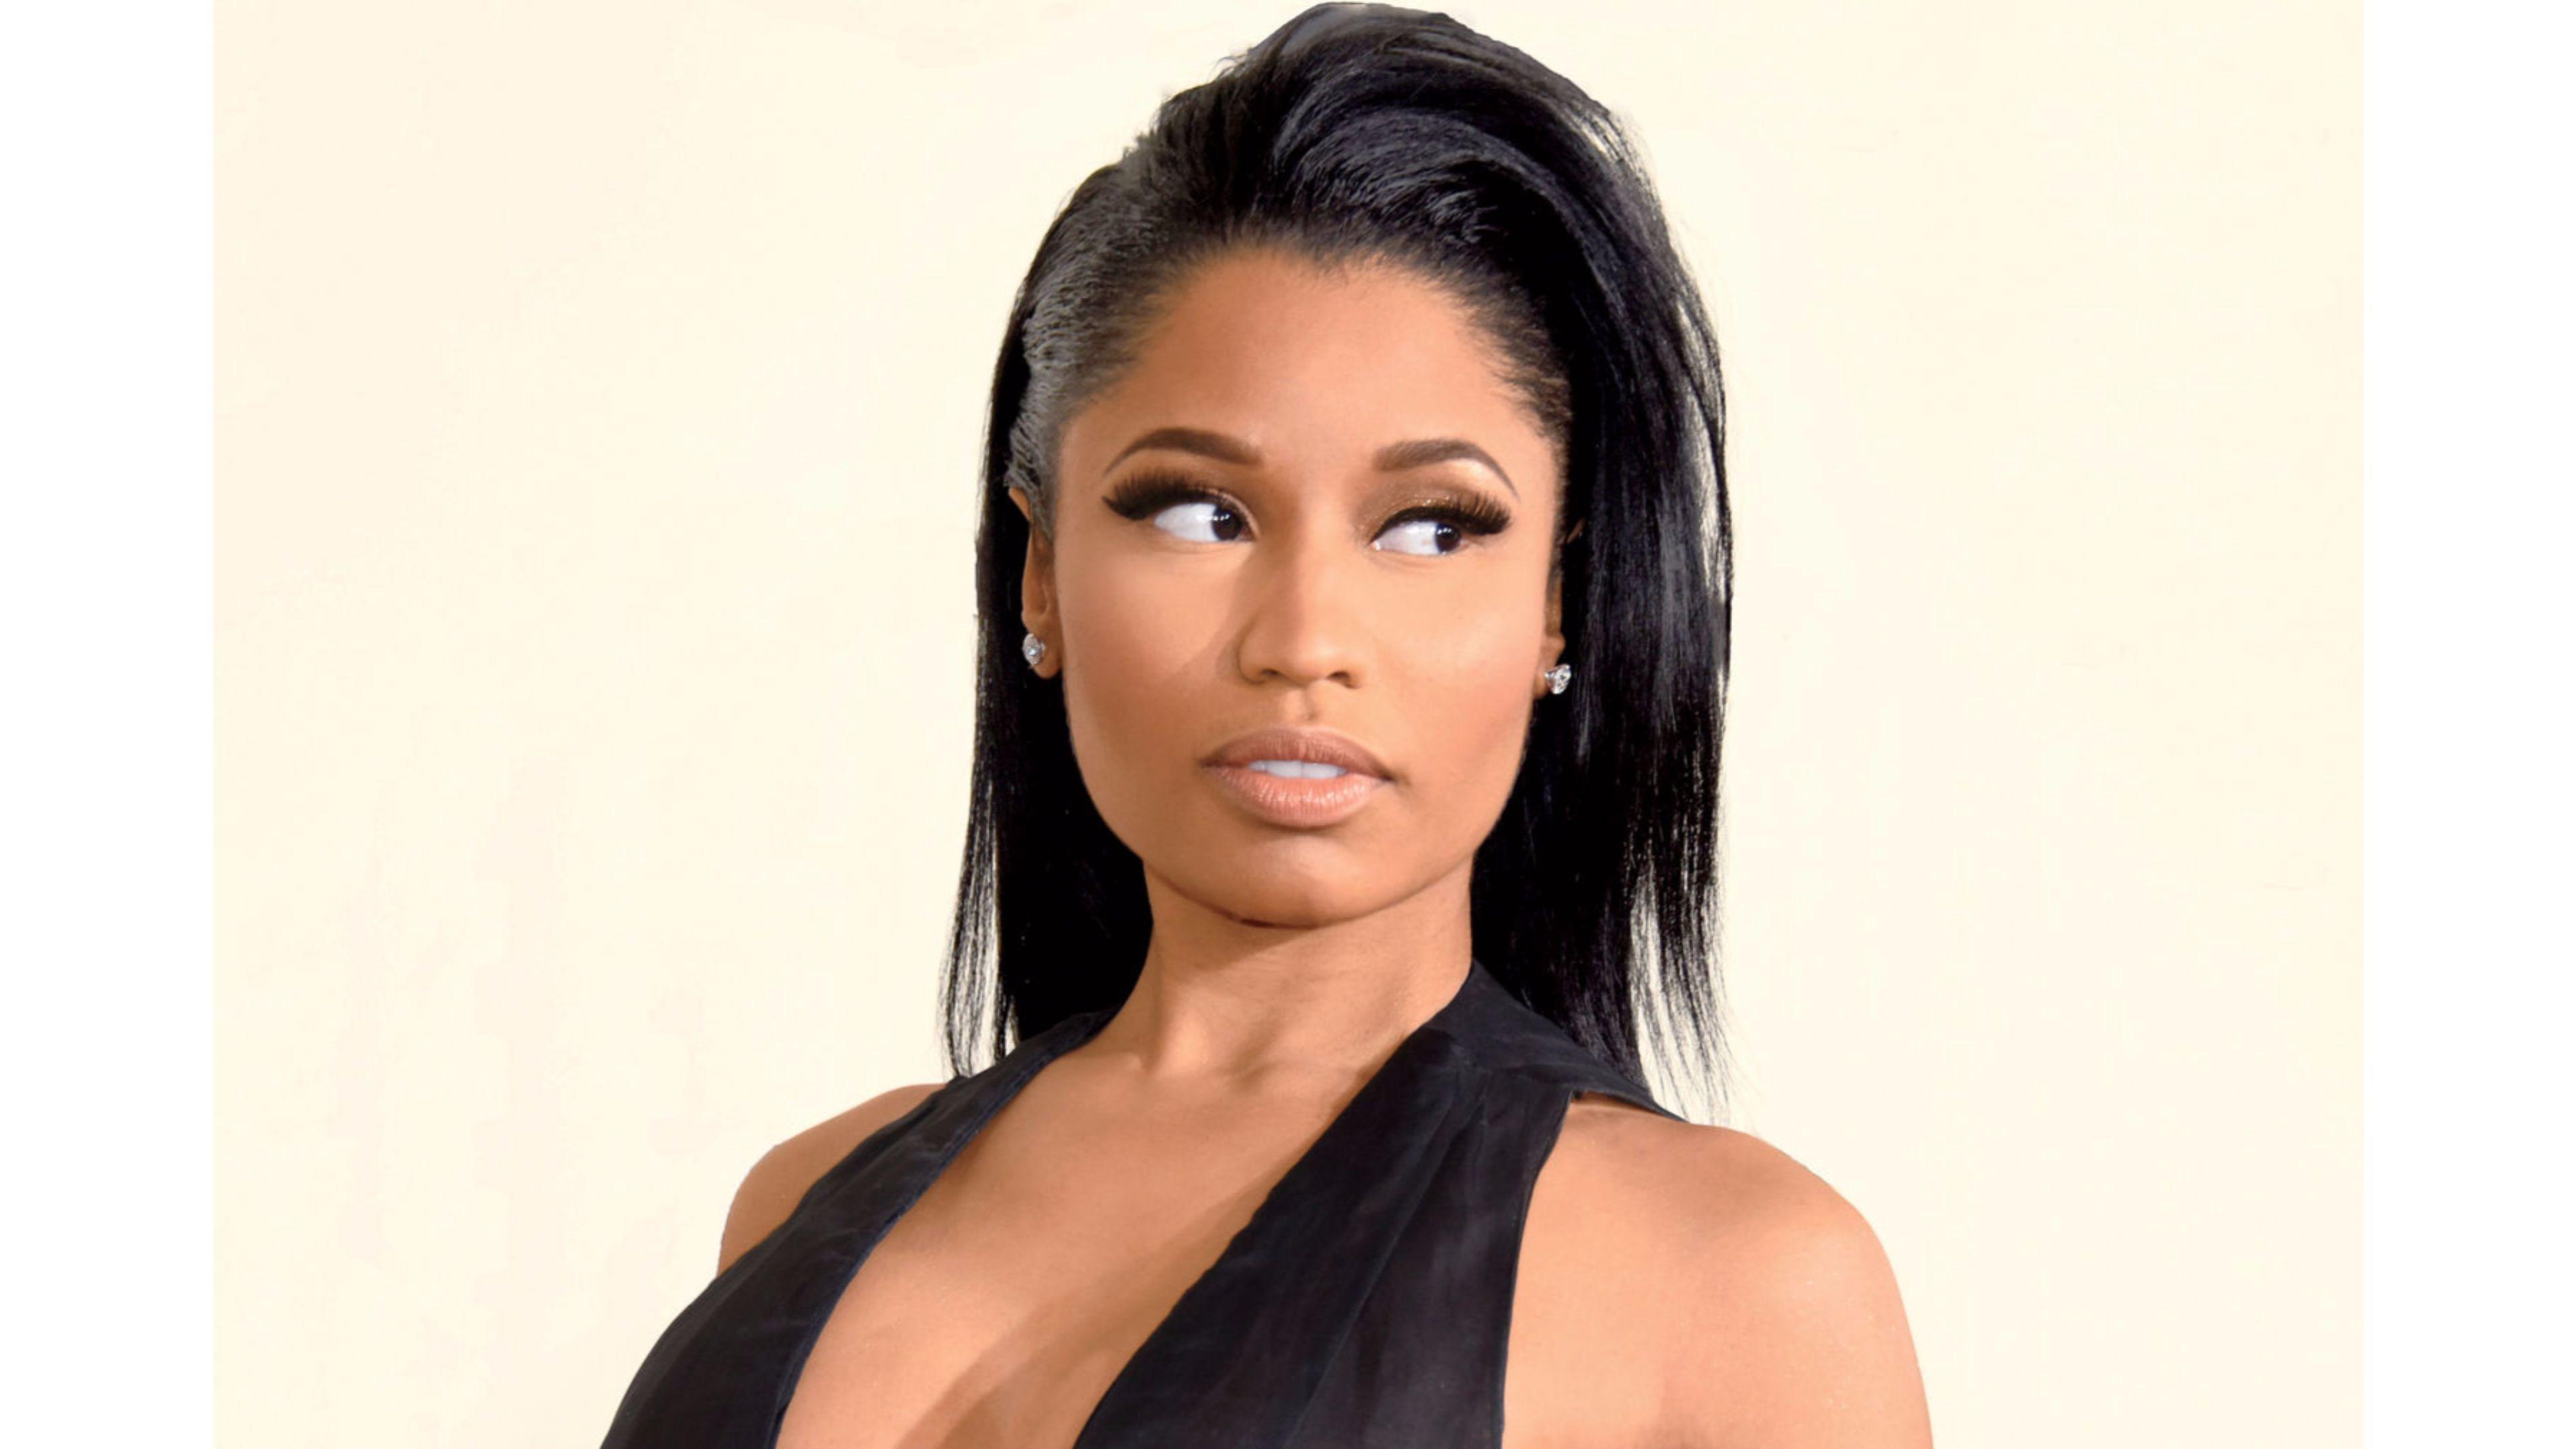 Nicki Minaj 4k Uhd Wallpapers Top Free Nicki Minaj 4k Uhd